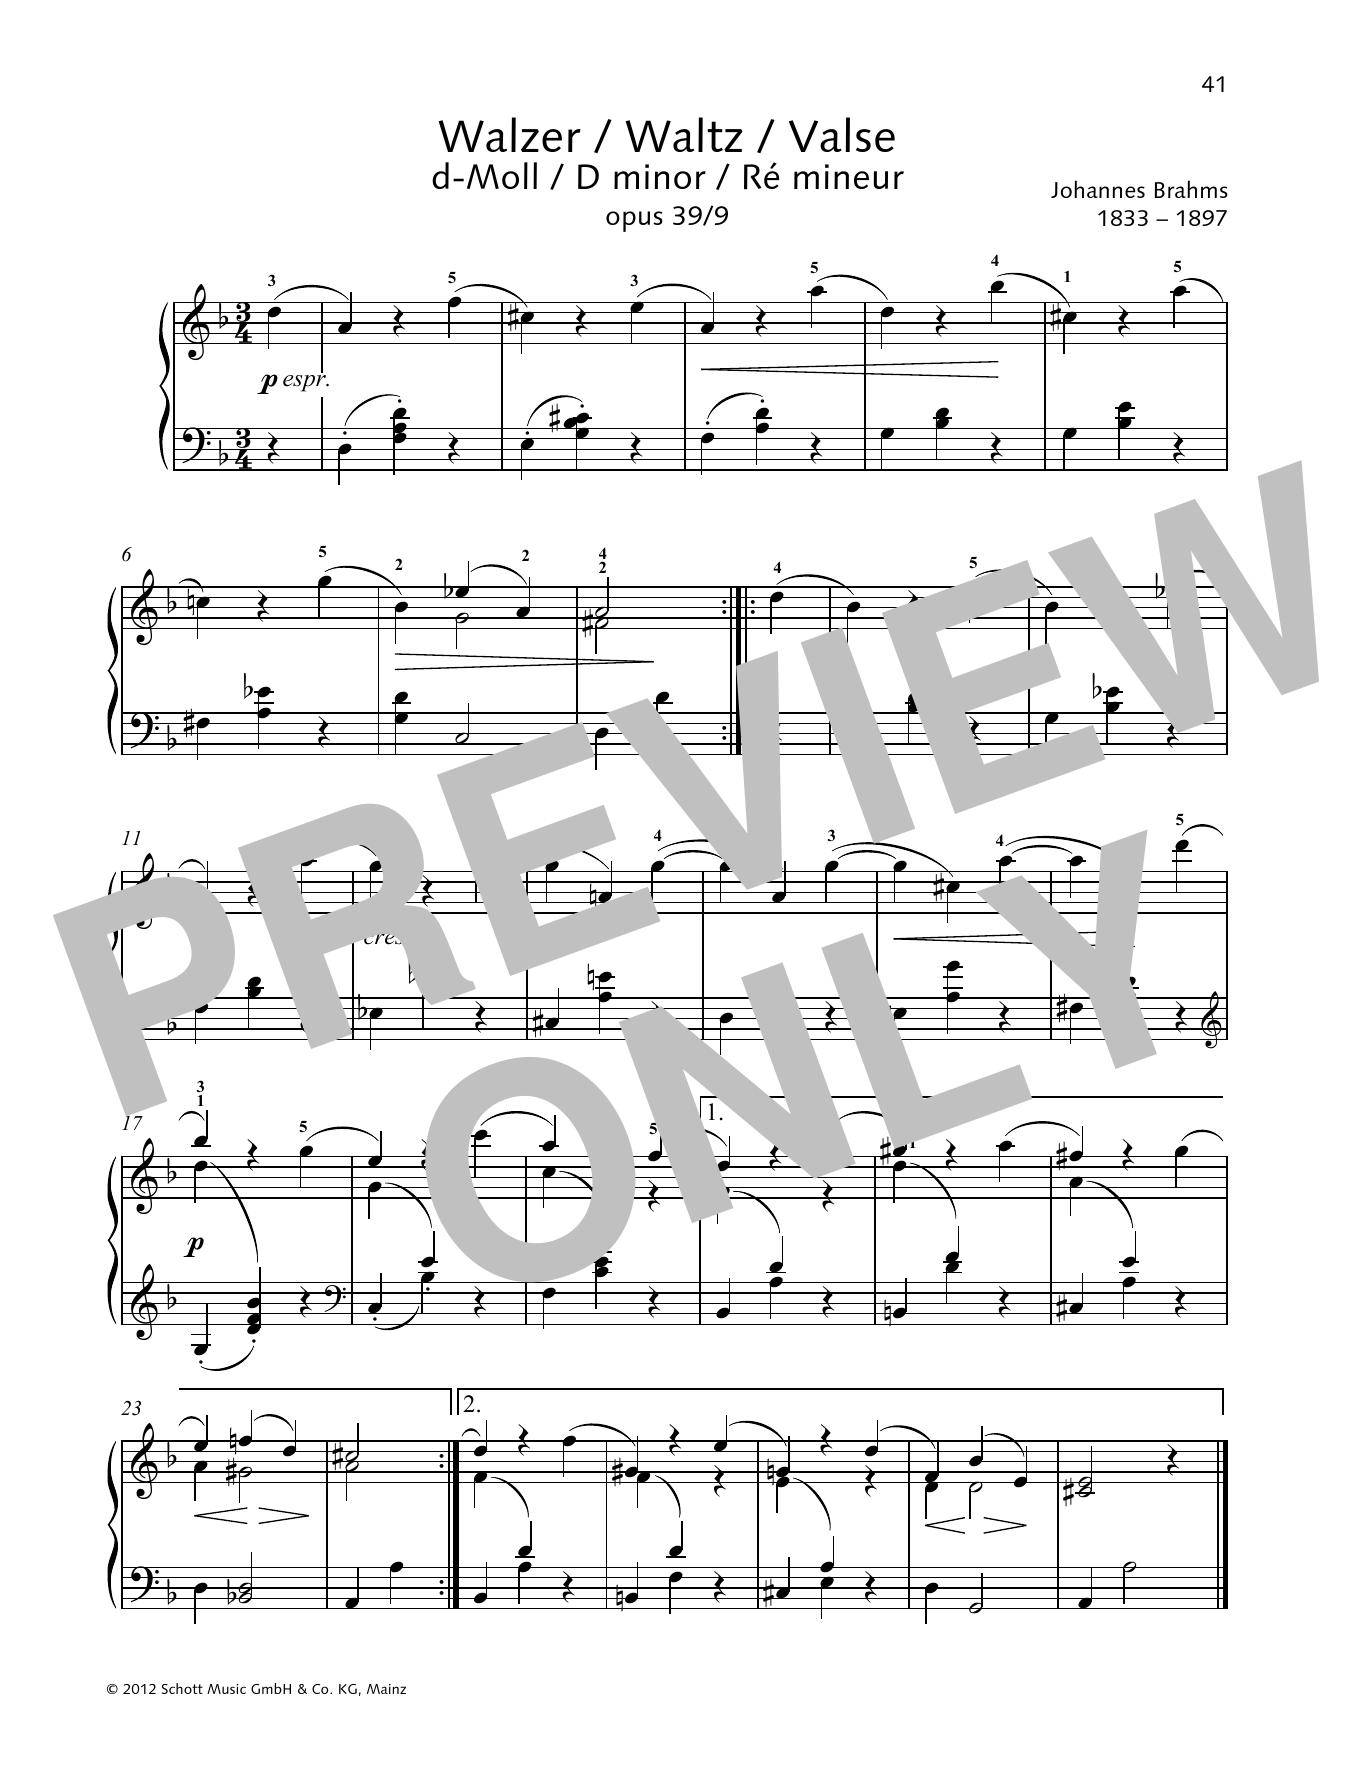 Waltz D minor Sheet Music